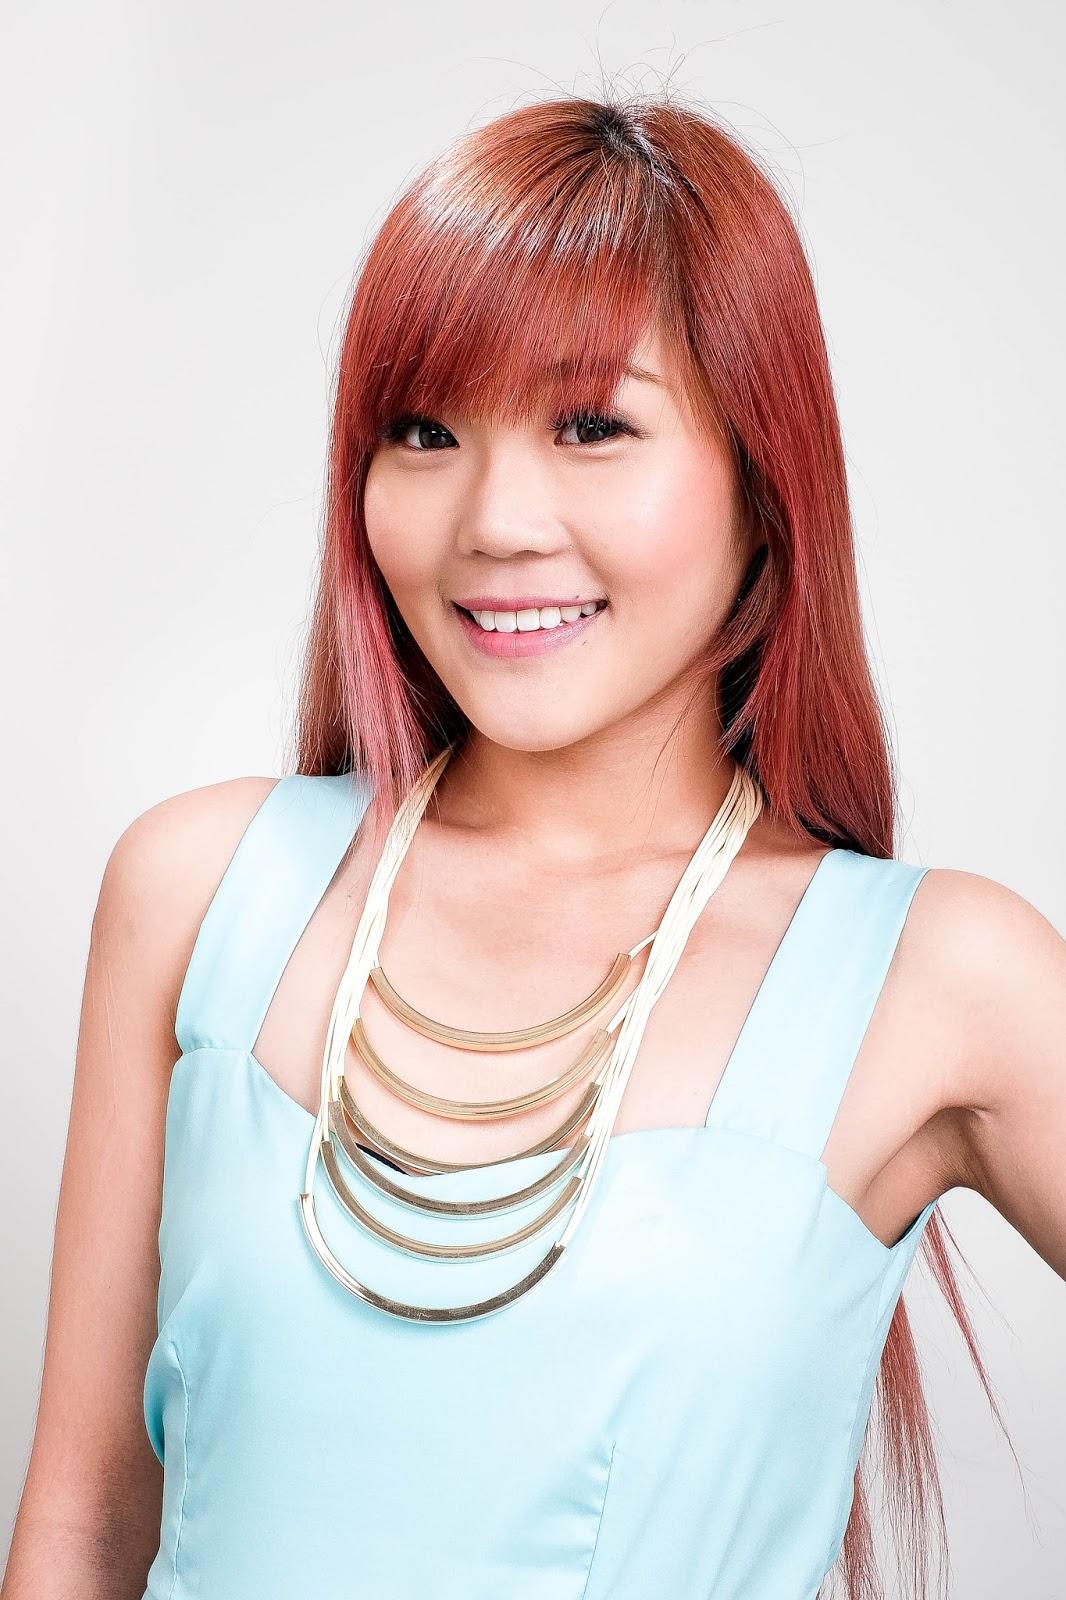 Kimberly li